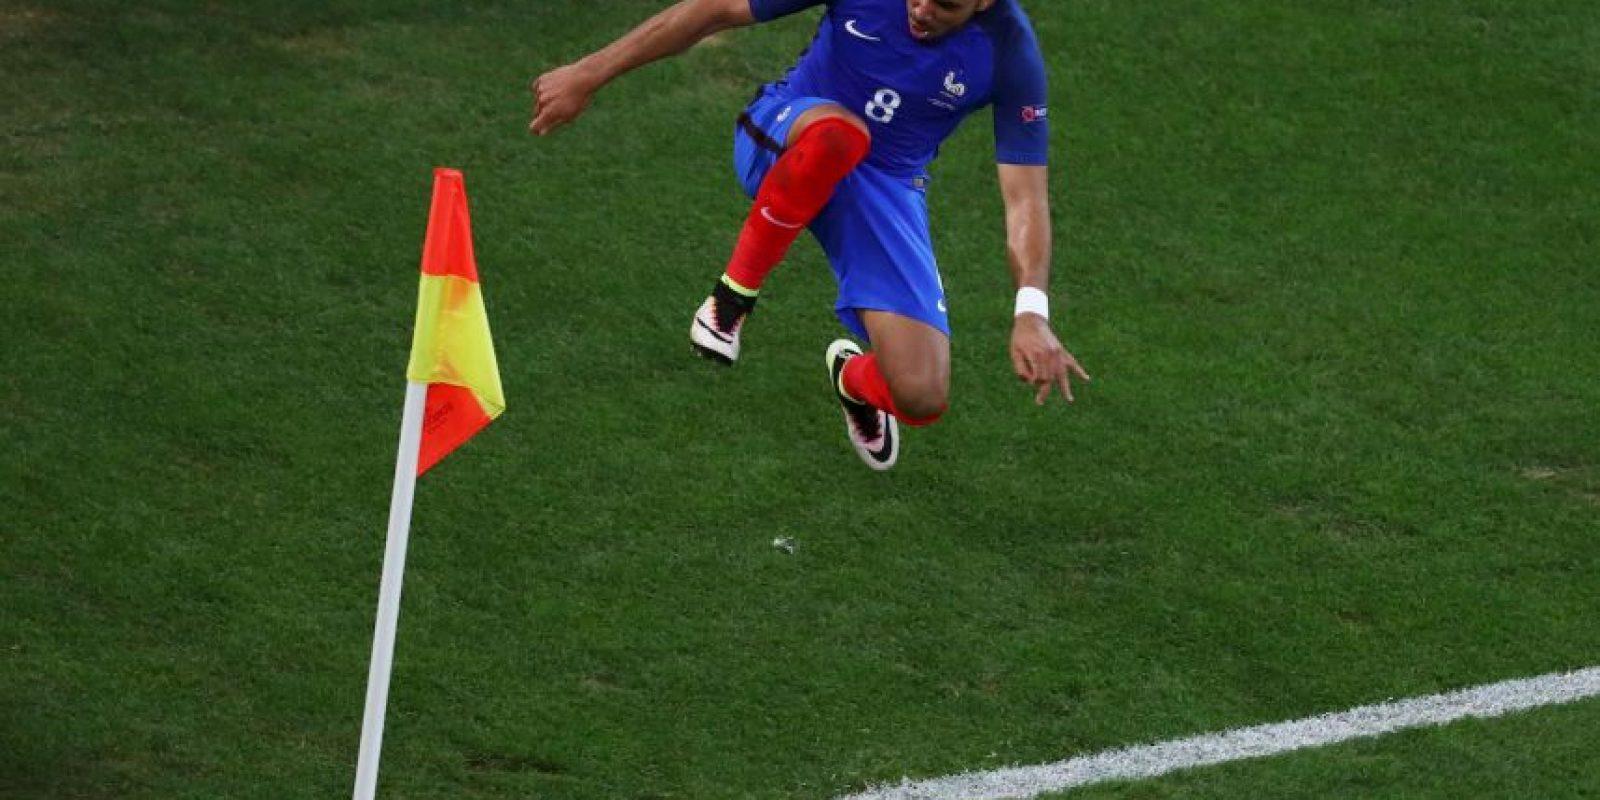 Los franceses esperan contar nuevamente con un inspirado Dimitri Payet Foto:Getty Images